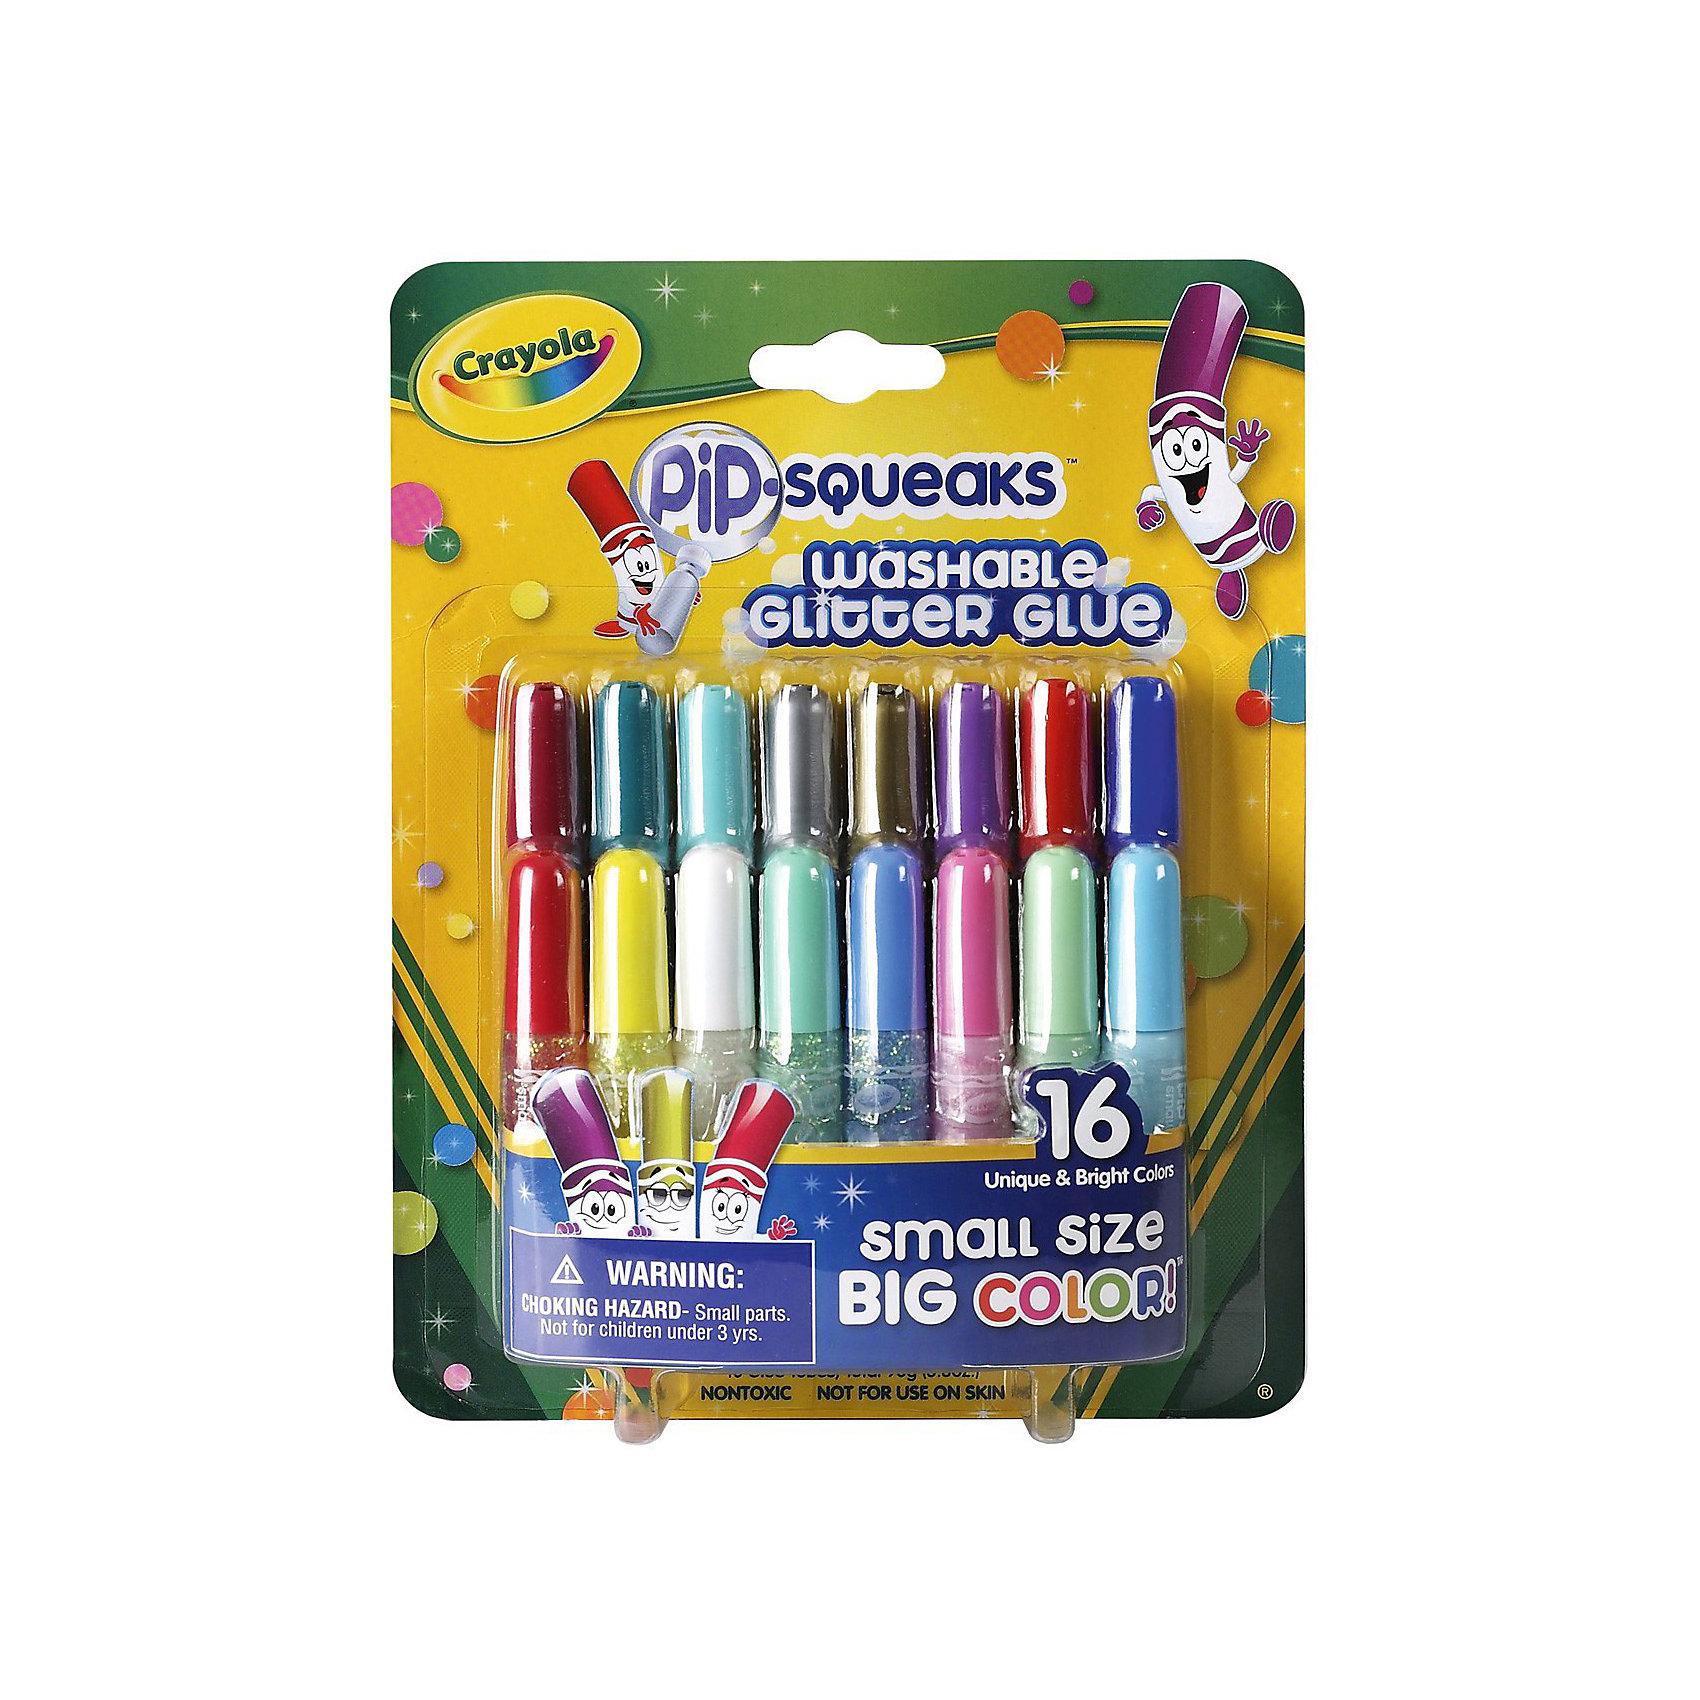 16 мини-тюбиков с блестящим клеем, Crayola16 мини-тюбиков с блестящим клеем, Crayola.<br><br>С набором из 16-ти мини-тюбиков с блестящим клеем от компании Crayola Ваш ребенок сможет проявить свою фантазию и добавить немного сияния и блесток в свои работы. <br>Количество: 16шт. <br>Рекомендованно для детей от 3-х лет. <br><br>Станет прекрасным подарком любому малышу!<br>Можно легко приобрести в нашем интернет магазине<br><br>Ширина мм: 160<br>Глубина мм: 190<br>Высота мм: 45<br>Вес г: 300<br>Возраст от месяцев: 72<br>Возраст до месяцев: 108<br>Пол: Унисекс<br>Возраст: Детский<br>SKU: 3371795